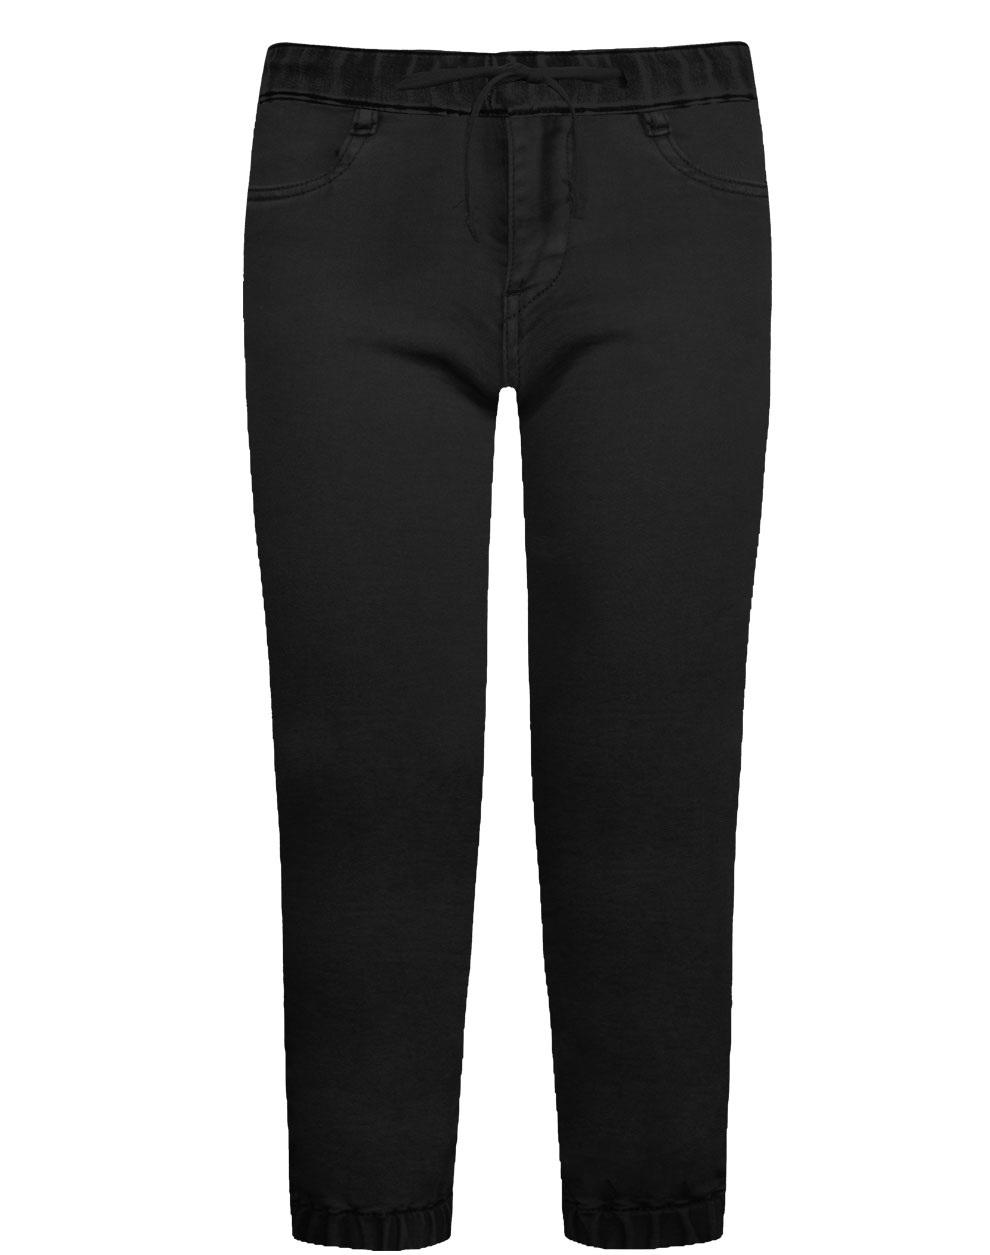 Παντελόνι με λάστιχο στη μέση και στα μπατζάκια σταθερό ύφασμα 12-120104-2 - Μαύρο - 18133-10/12/1/102